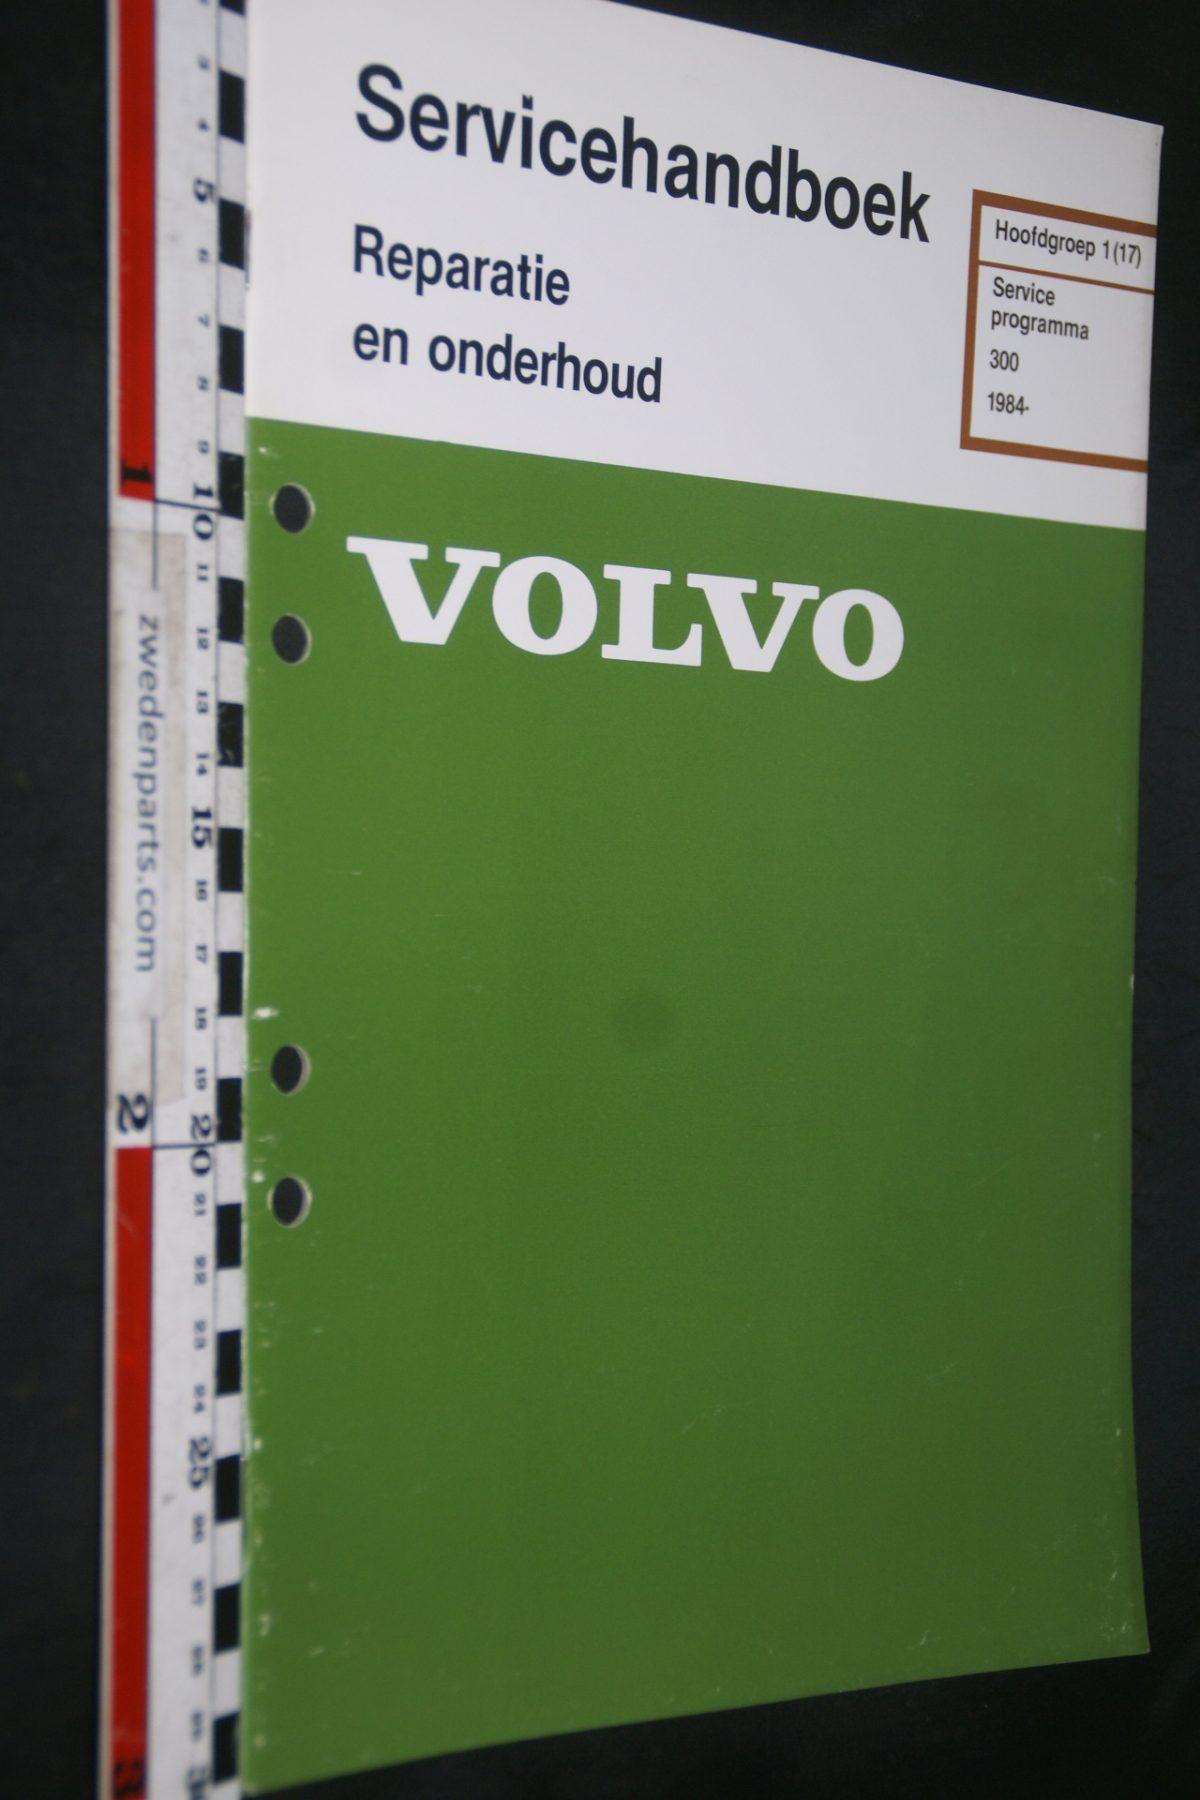 DSC06822 1983 origineel Volvo 300 servicehandboek 1 (17) serviceprogramma 1 van 800 TP 35171-1